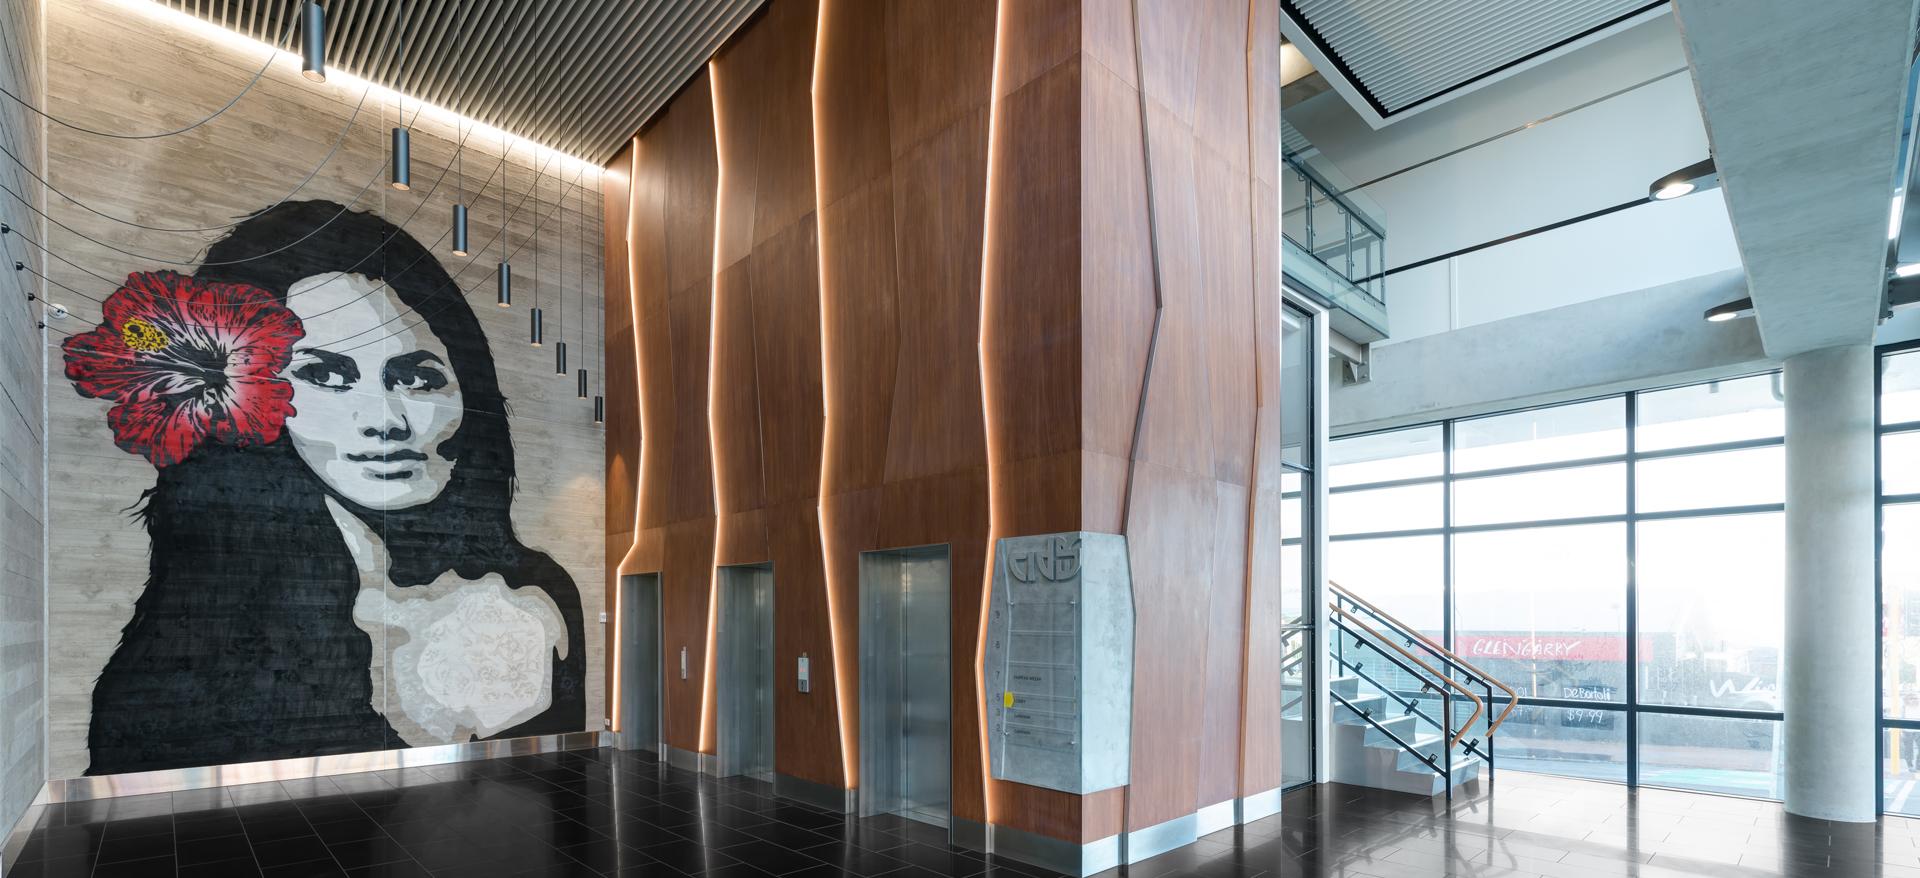 Cider Building Lobby, Auckland